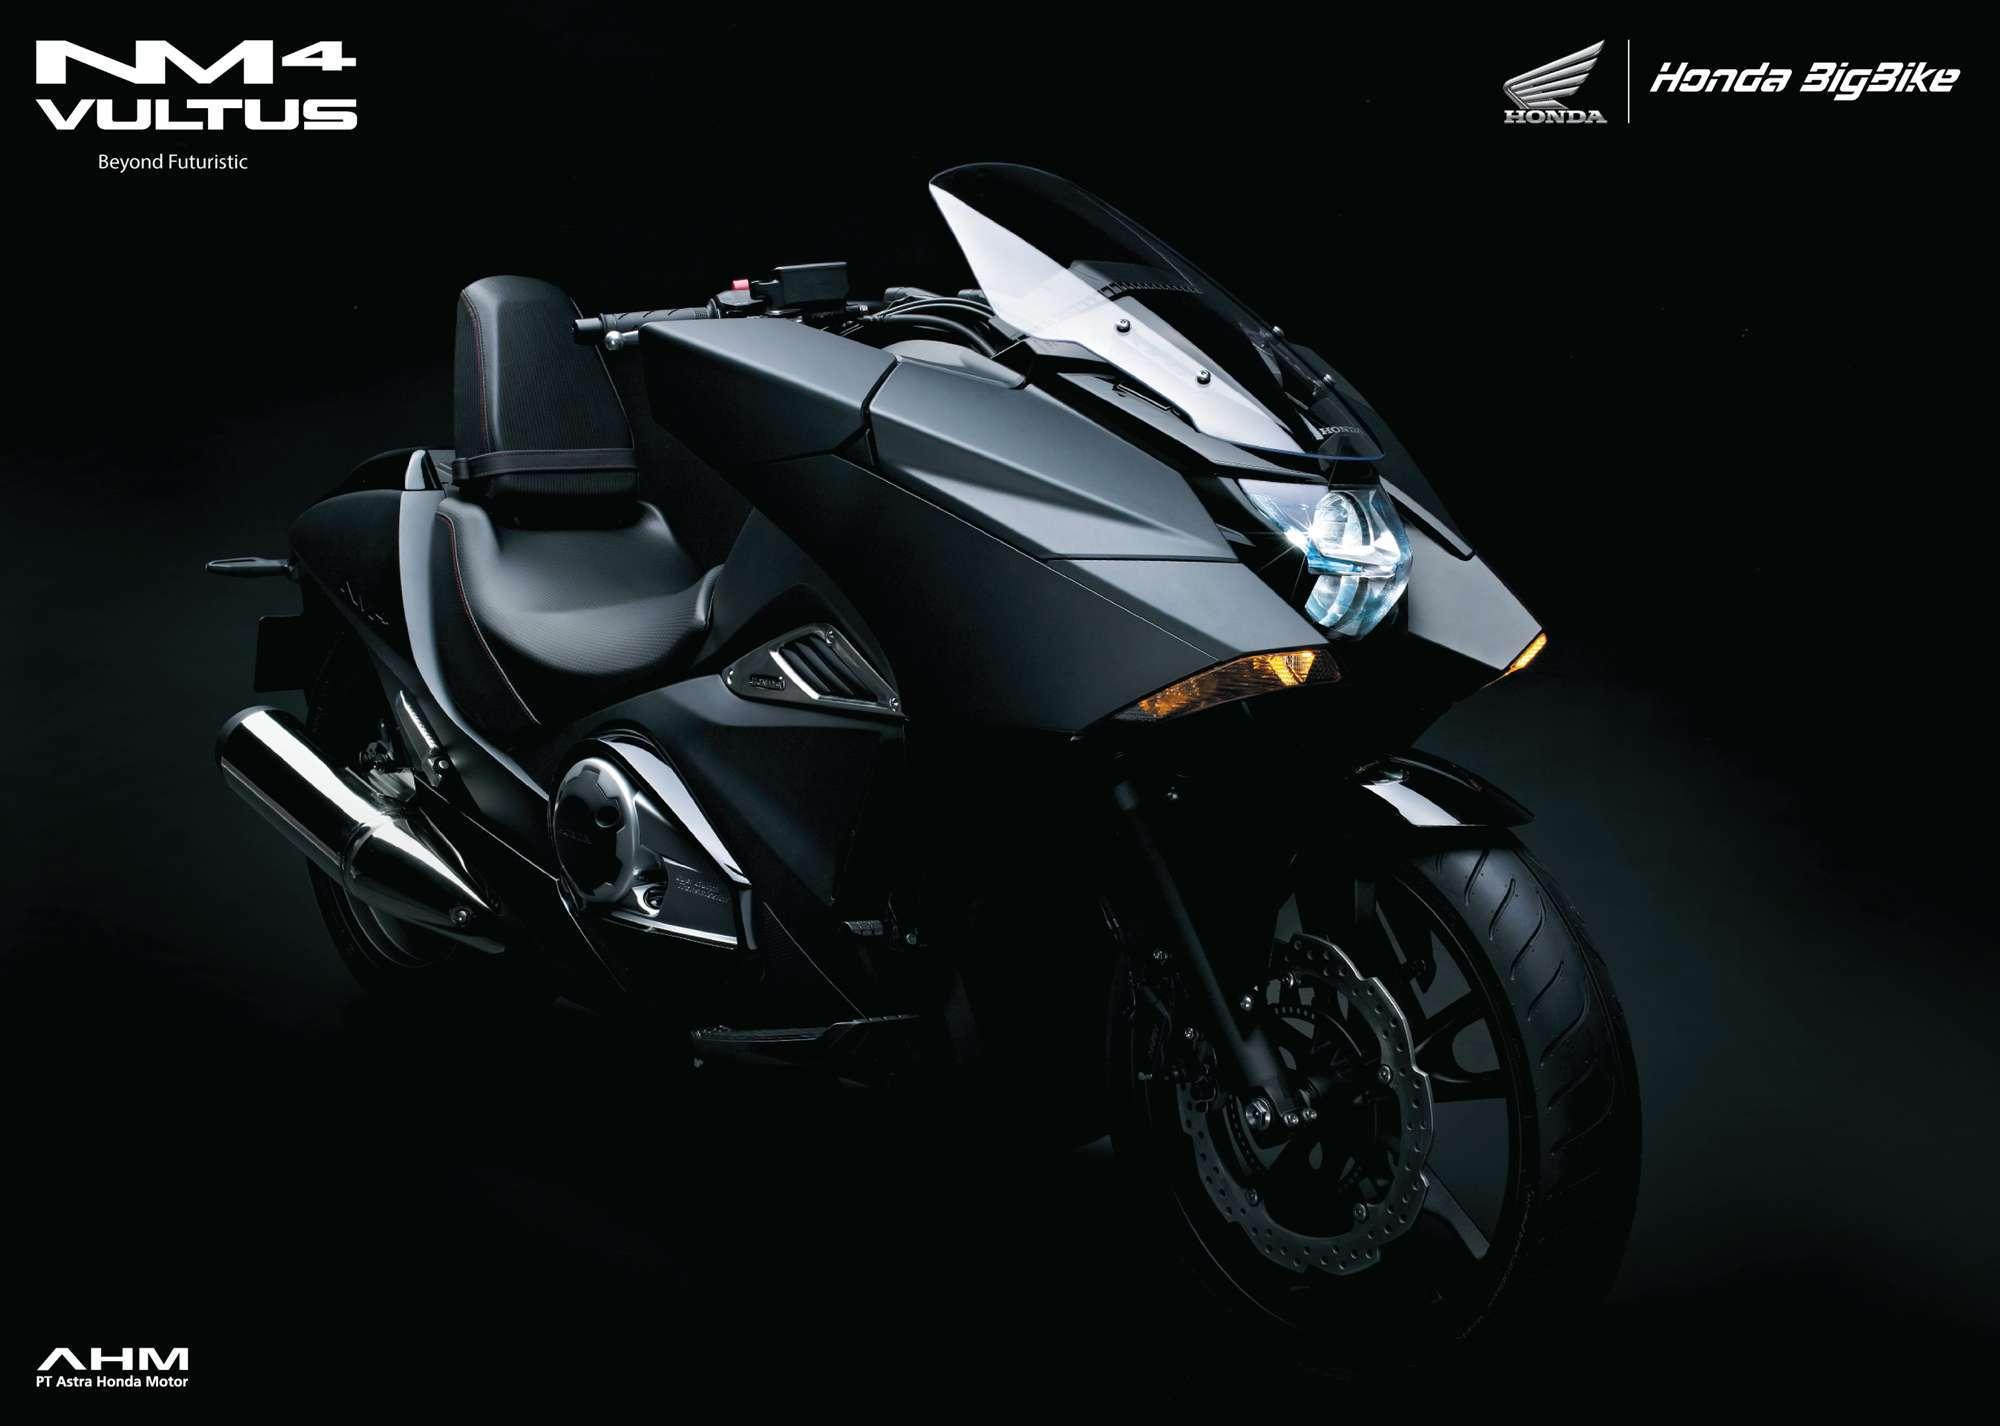 Brosur Motor Honda NM4 Vultus - 1